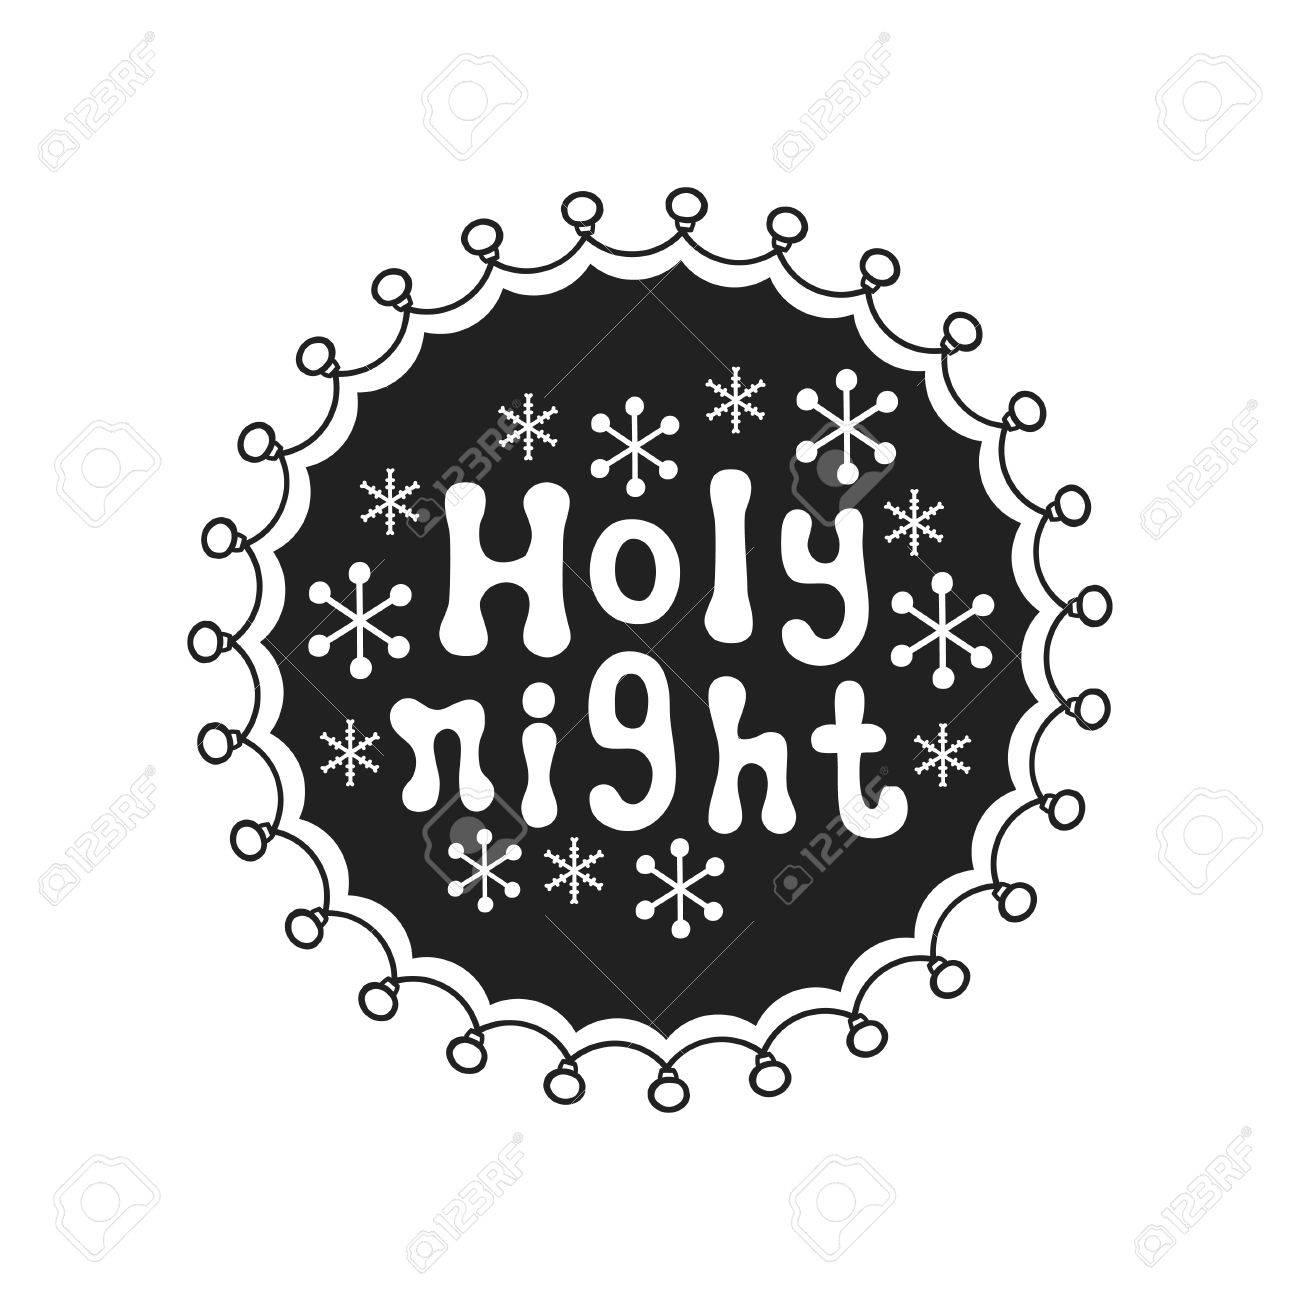 Noche Sagrada Caligrafía Letras De Estaciones Escritas A Mano Frase De Navidad Elemento Dibujado A Mano Vacaciones Texto De La Tarjeta De